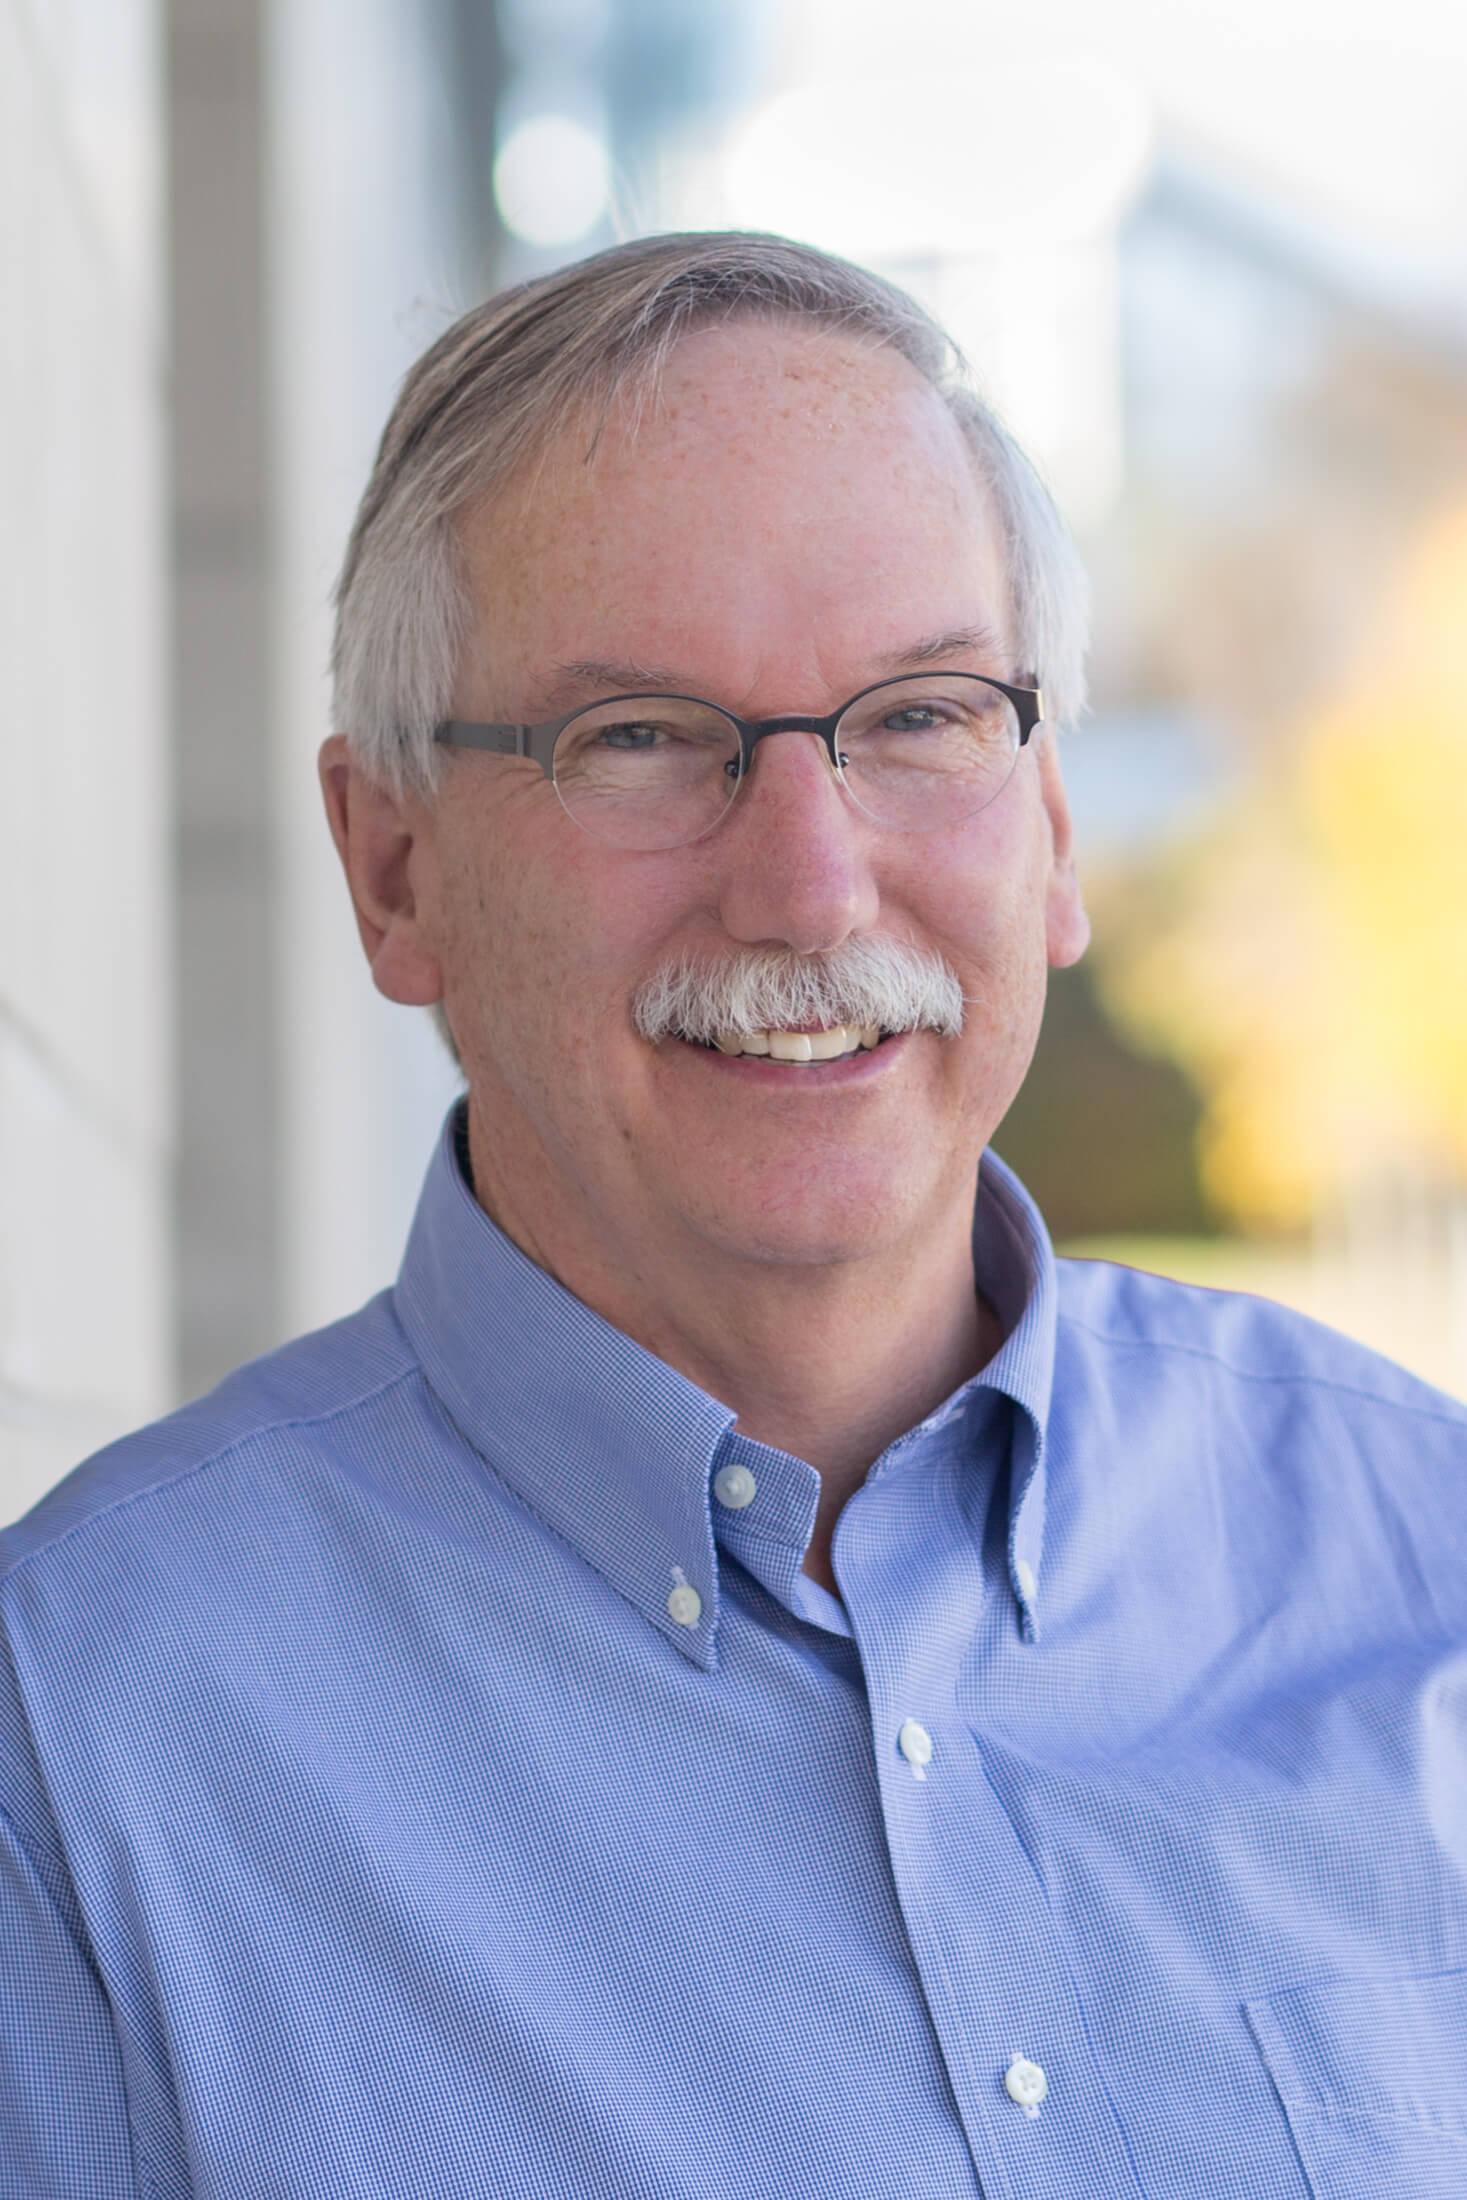 Andrew Coburn, PhD